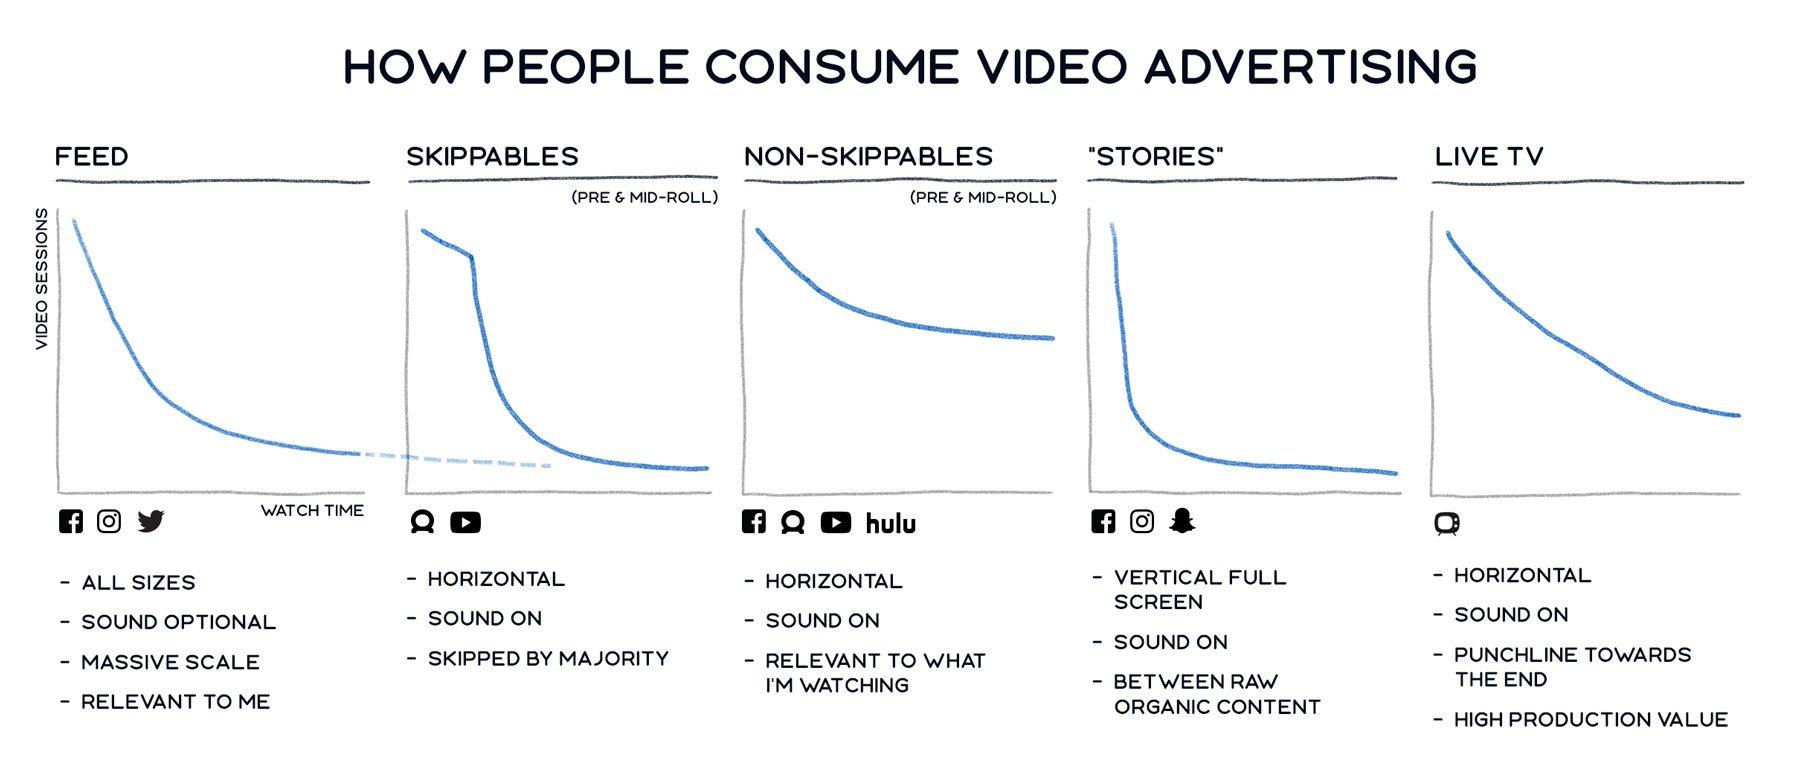 facebook-in-stream-video-ads-consumption